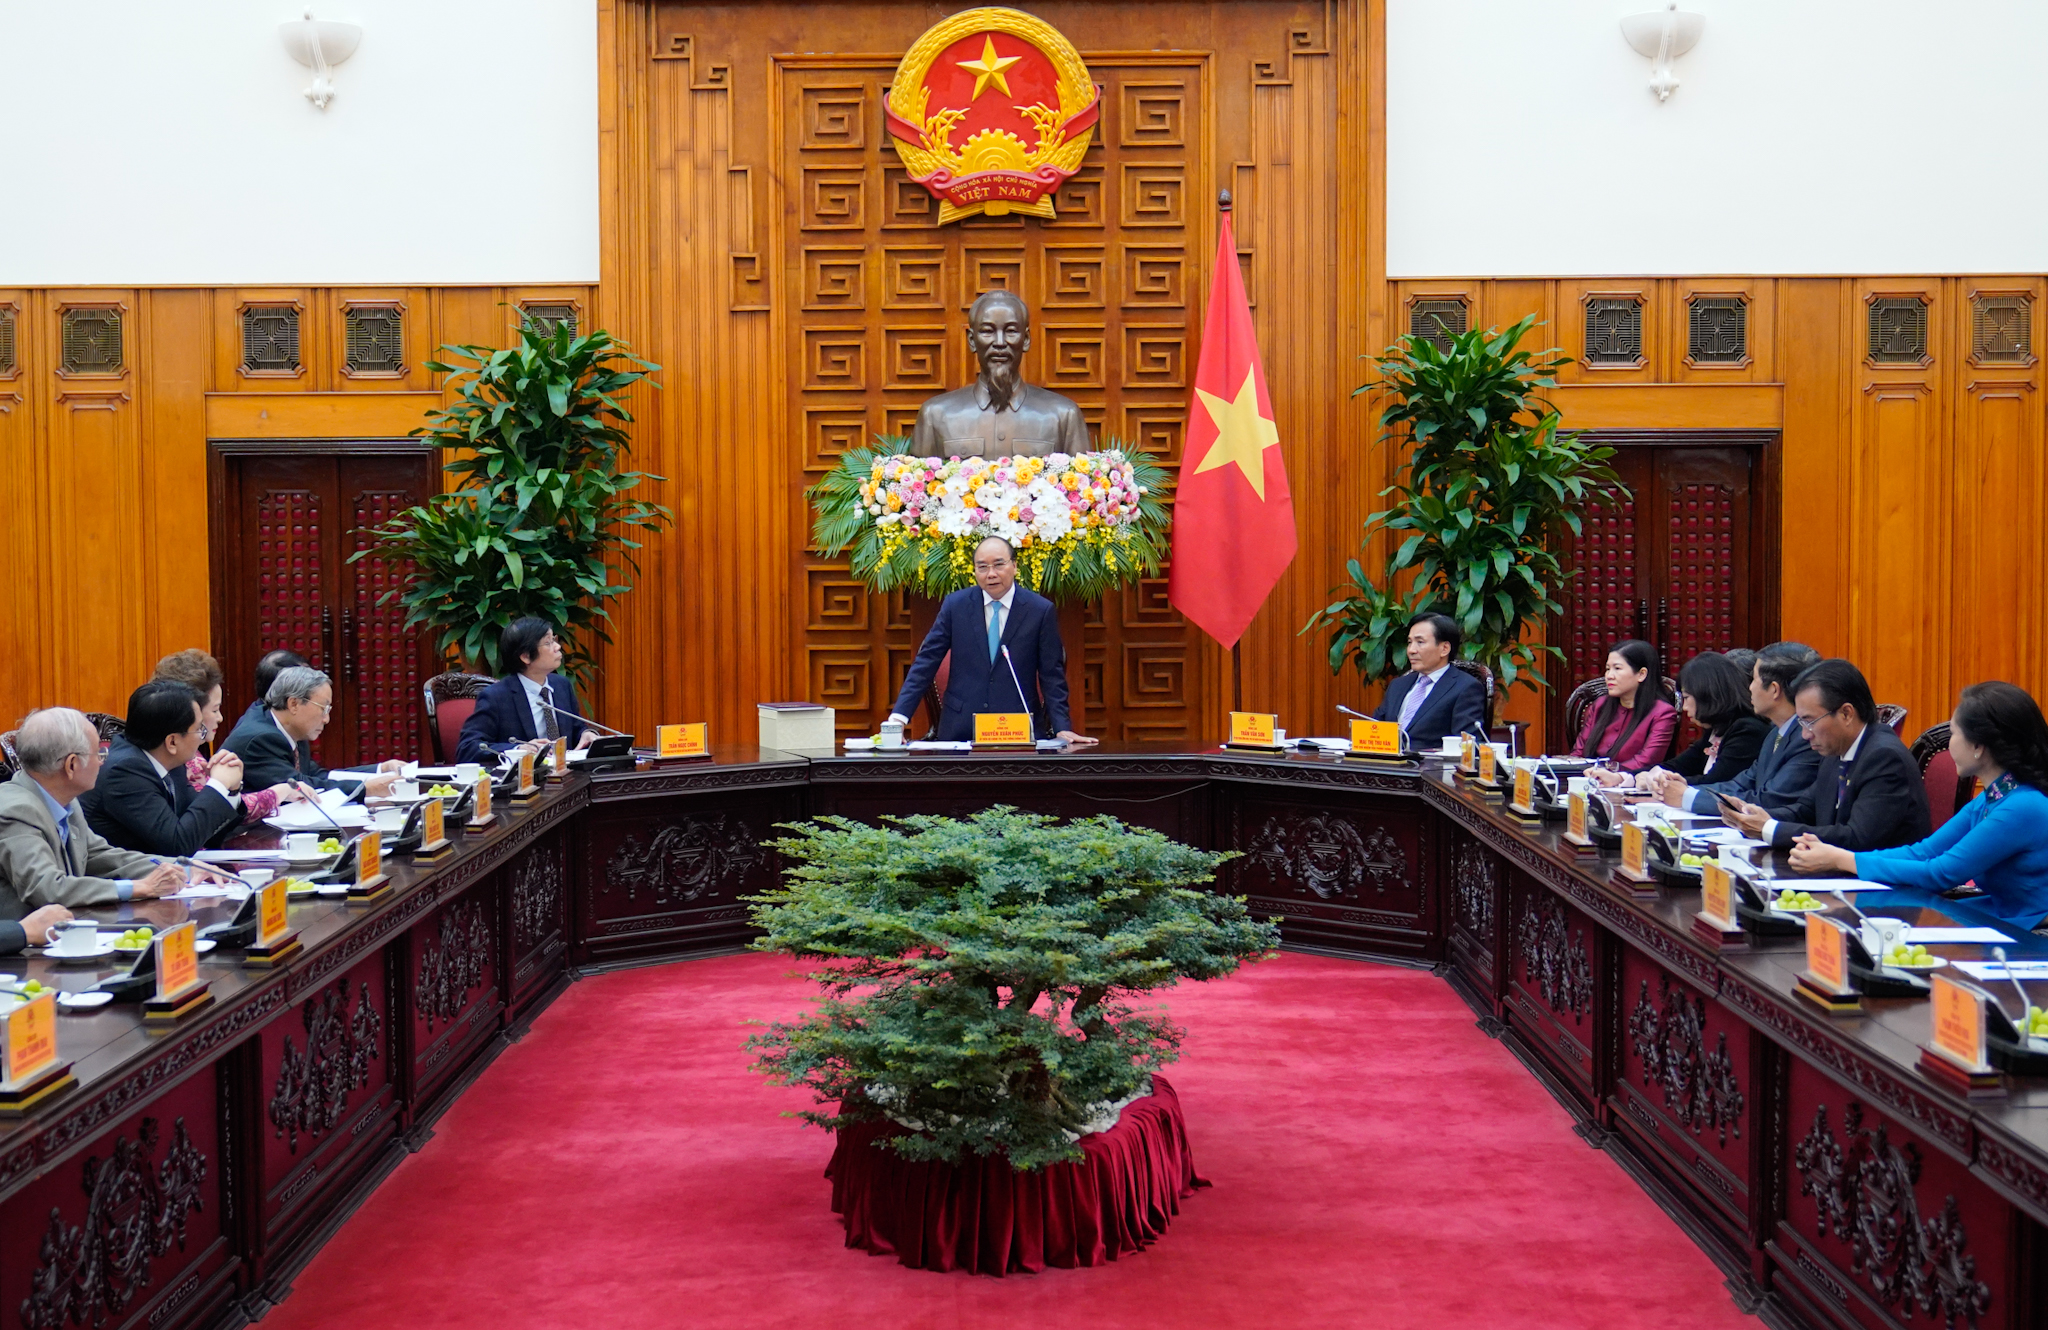 Thủ tướng gặp mặt lãnh đạo Hội Quy hoạch Phát triển đô thị Việt Nam. Ảnh VGP/Quang Hiếu